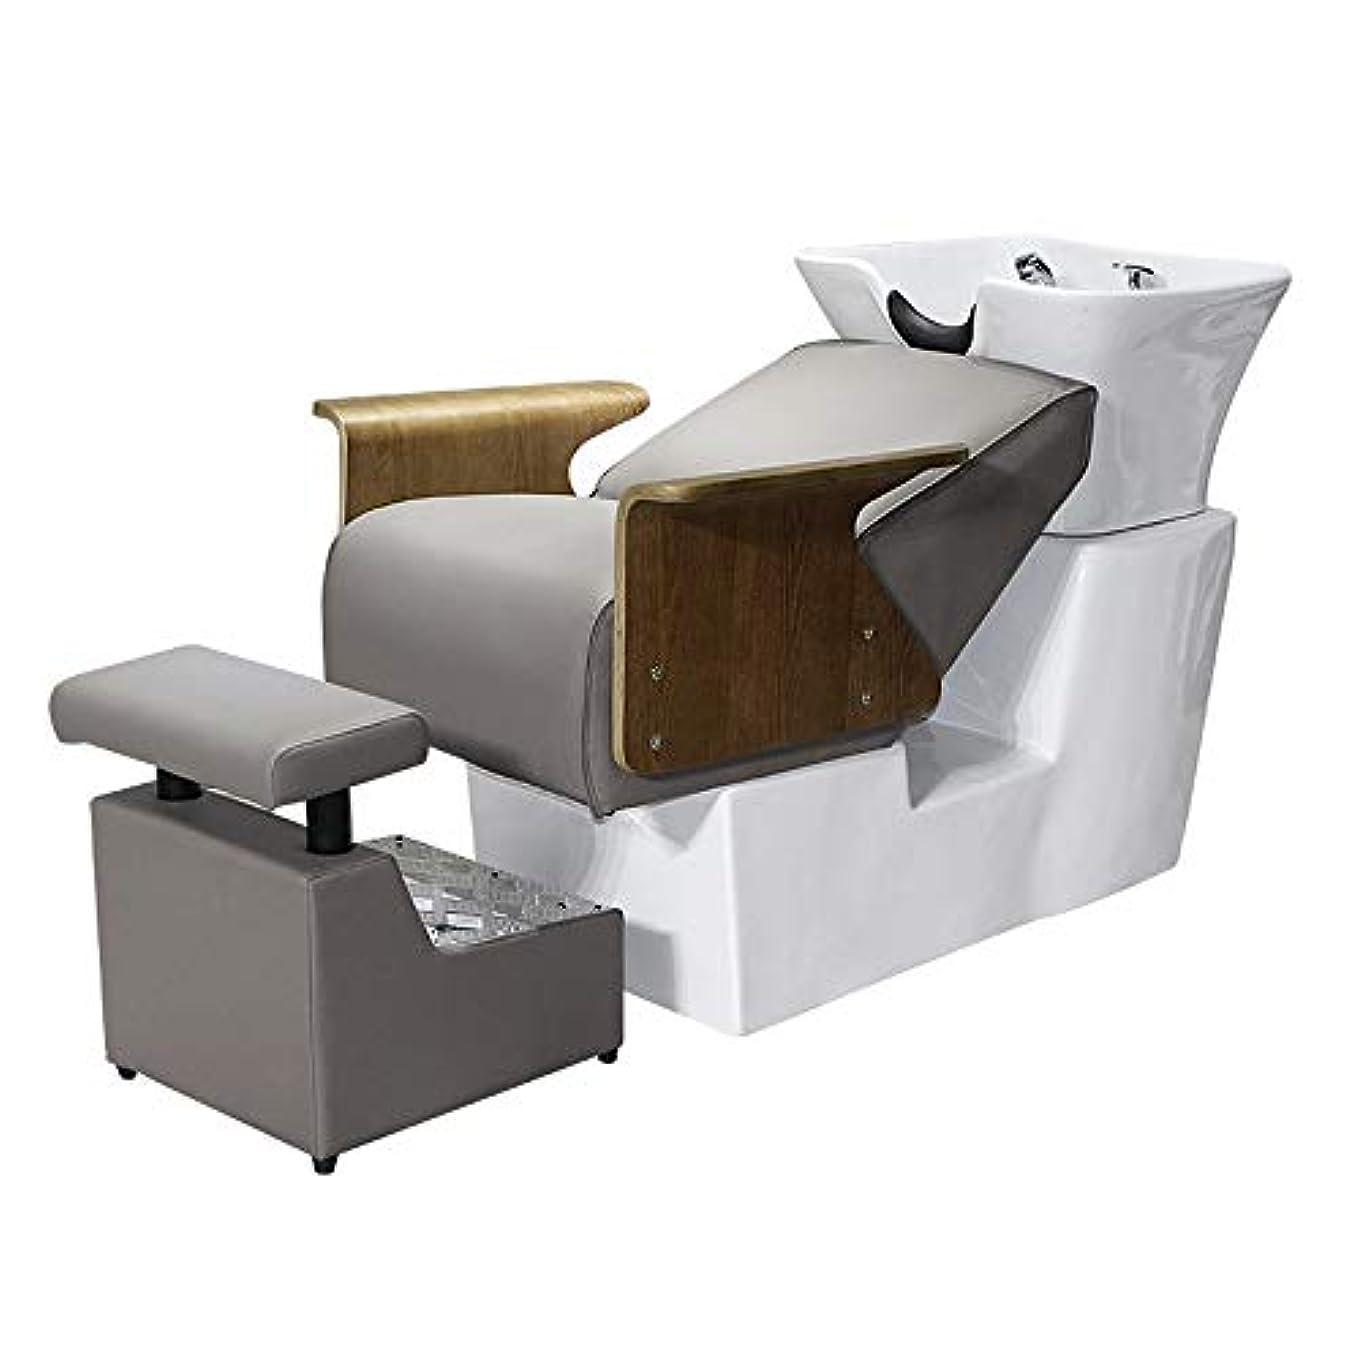 何か軍艦矢じりシャンプーの椅子、陶磁器の洗面器のシャンプーのベッドの逆洗の単位の鉱泉の美容院装置のためのシャンプーボールの理髪の流しの椅子